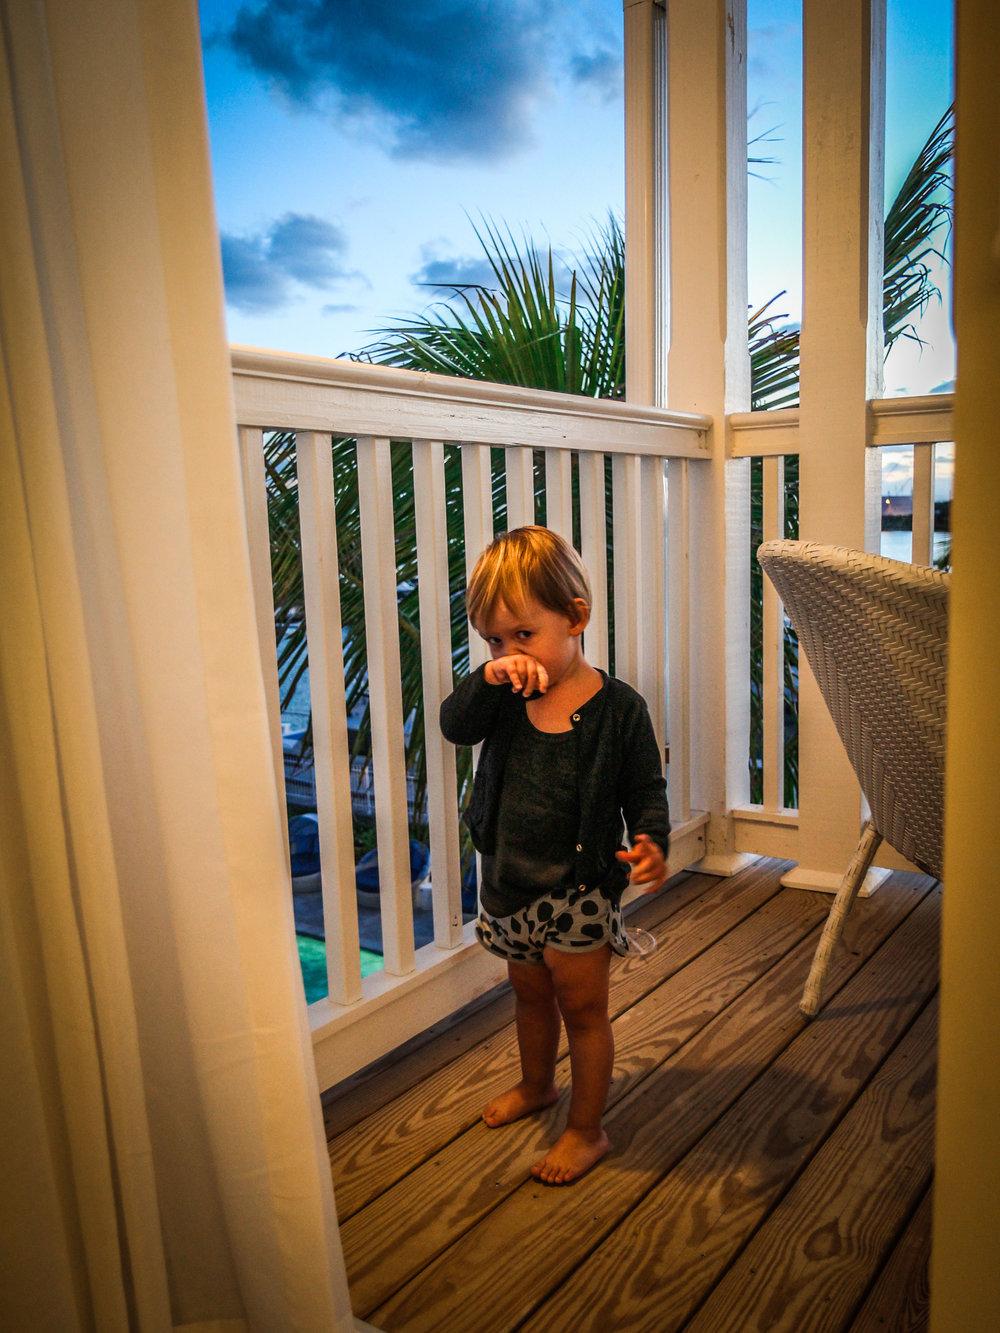 Florida_keys-_Key_west_To_do_reizen_met_kinderen-34.jpg